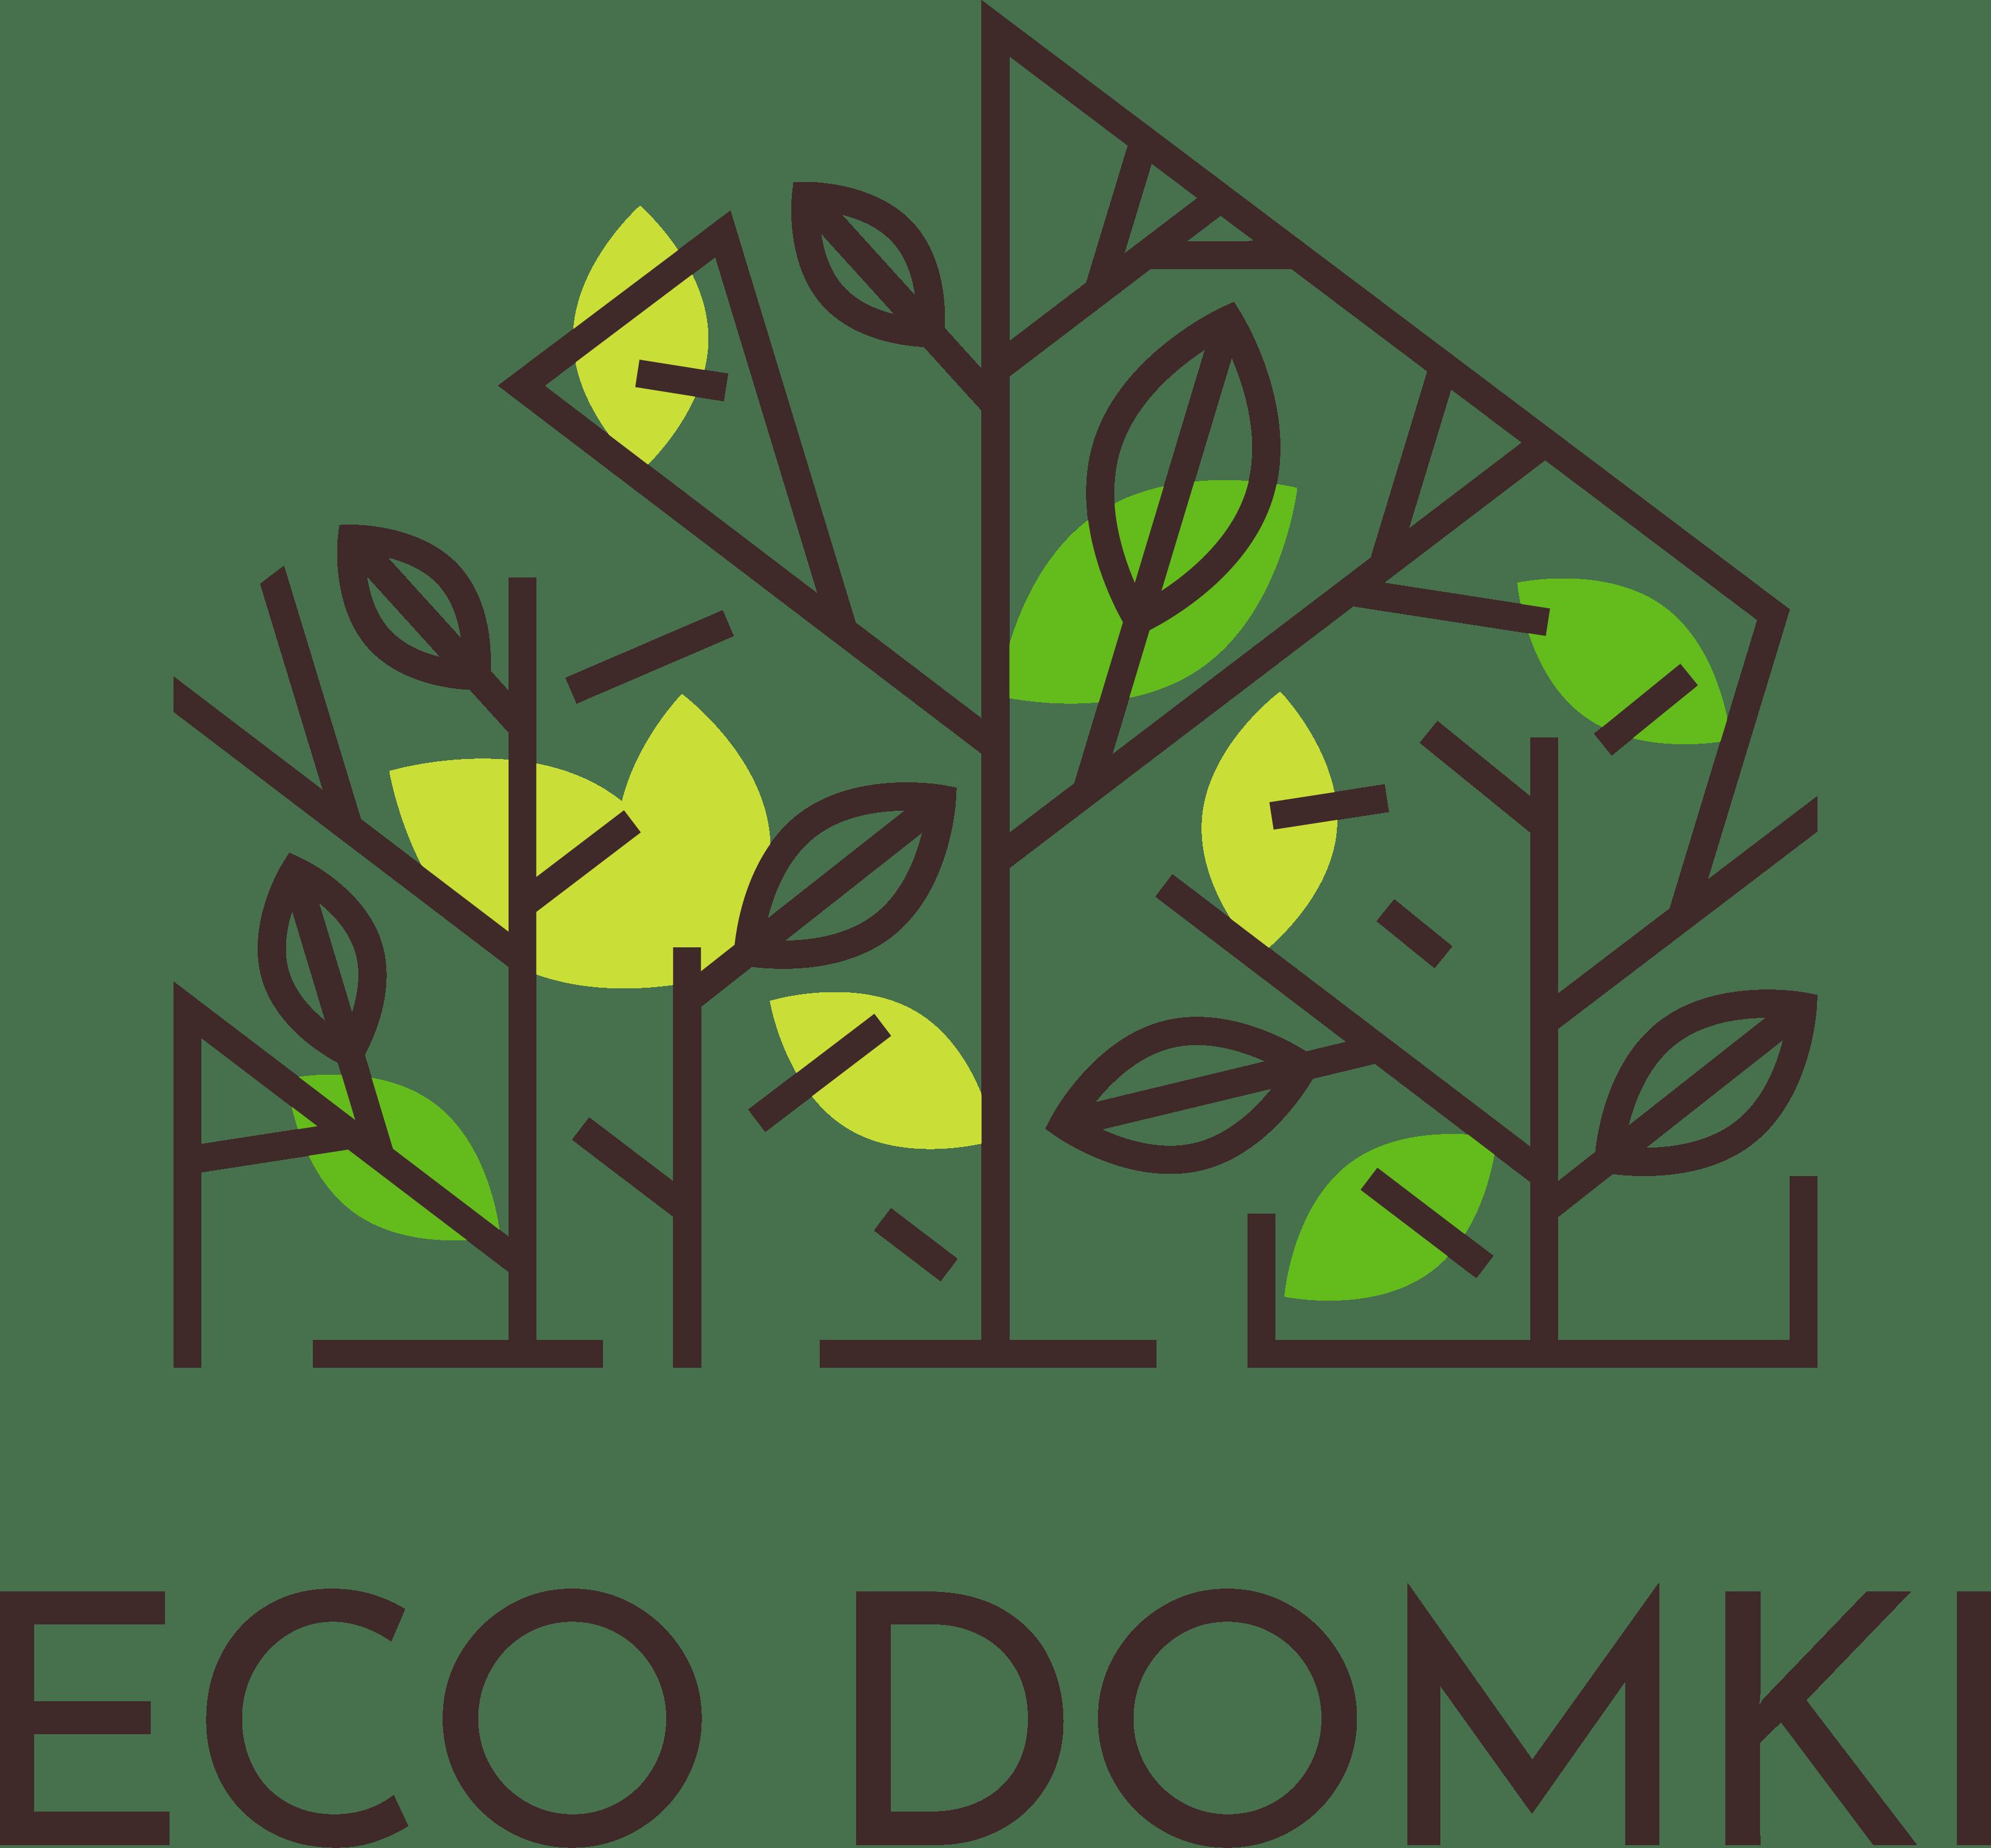 Eco-domki